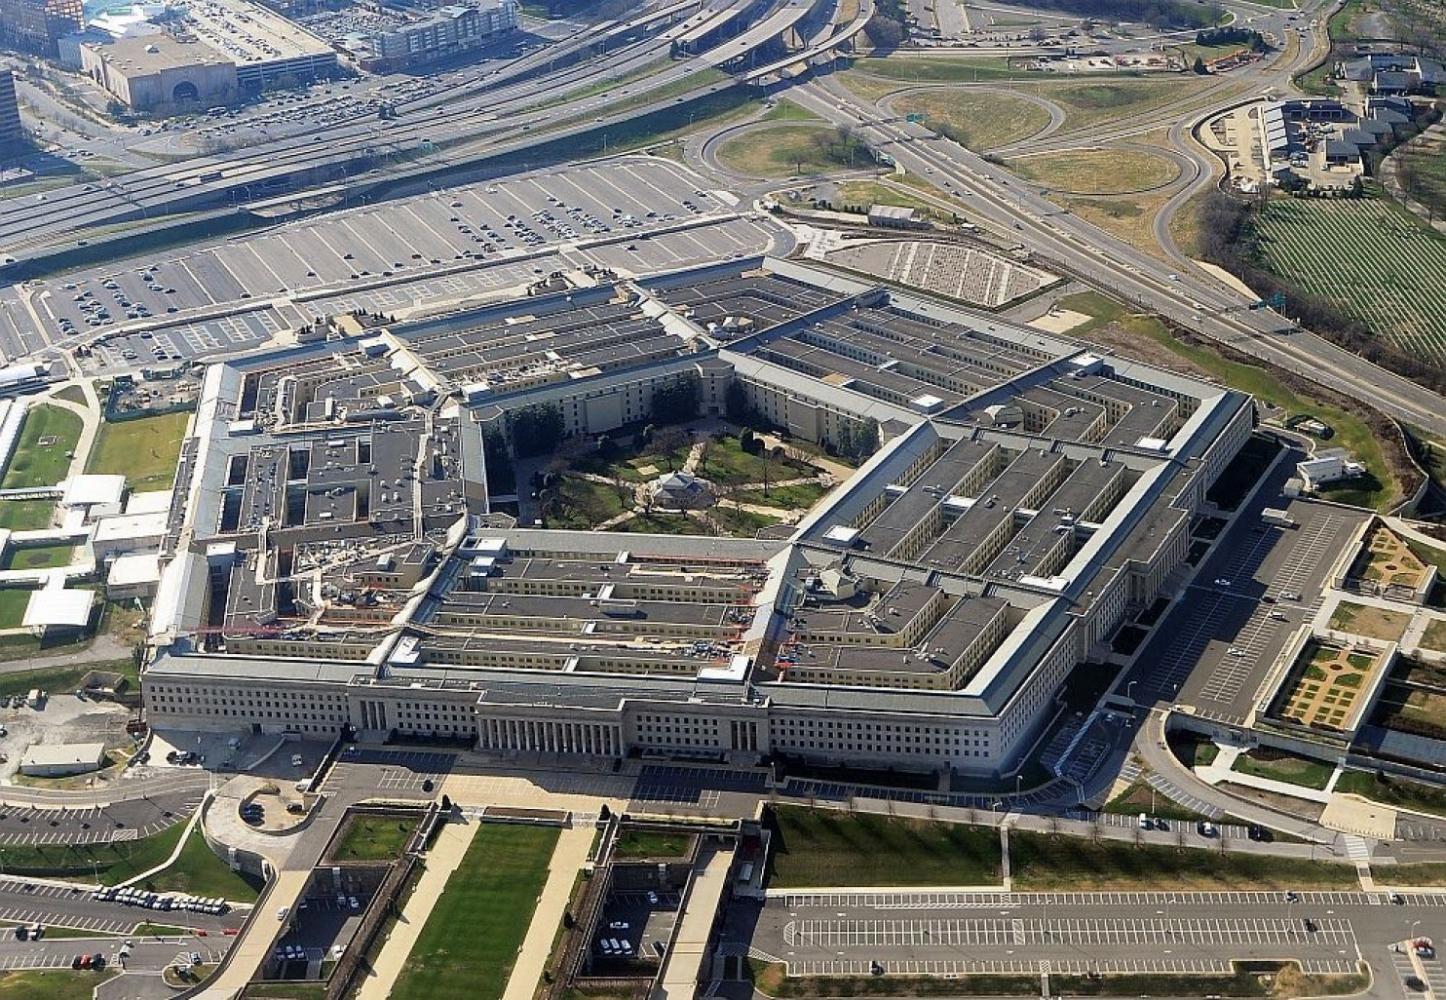 The+Pentagon%2C+located+in+Washington%2C+D.C.